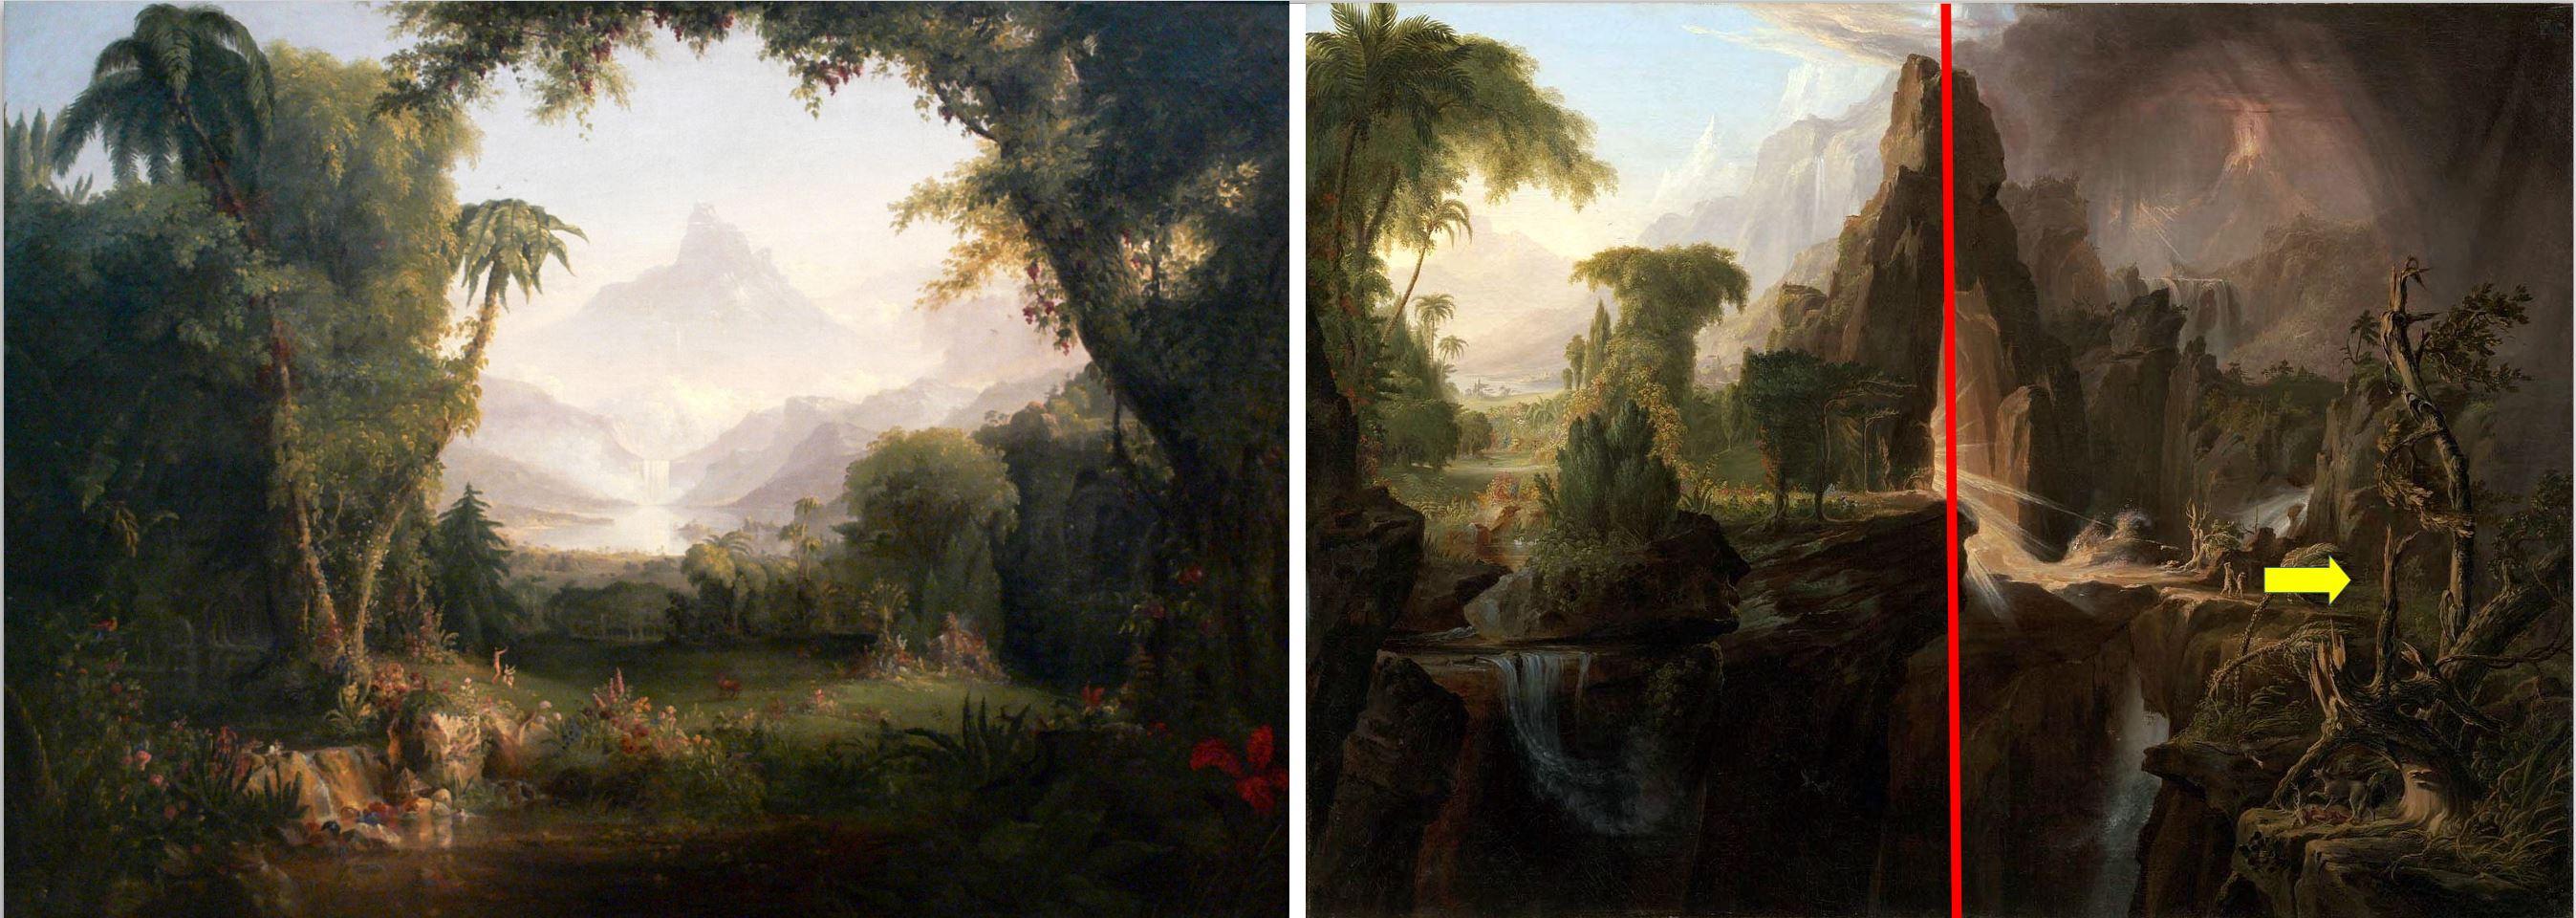 Cole 1828 The_Garden_of_Eden schama2